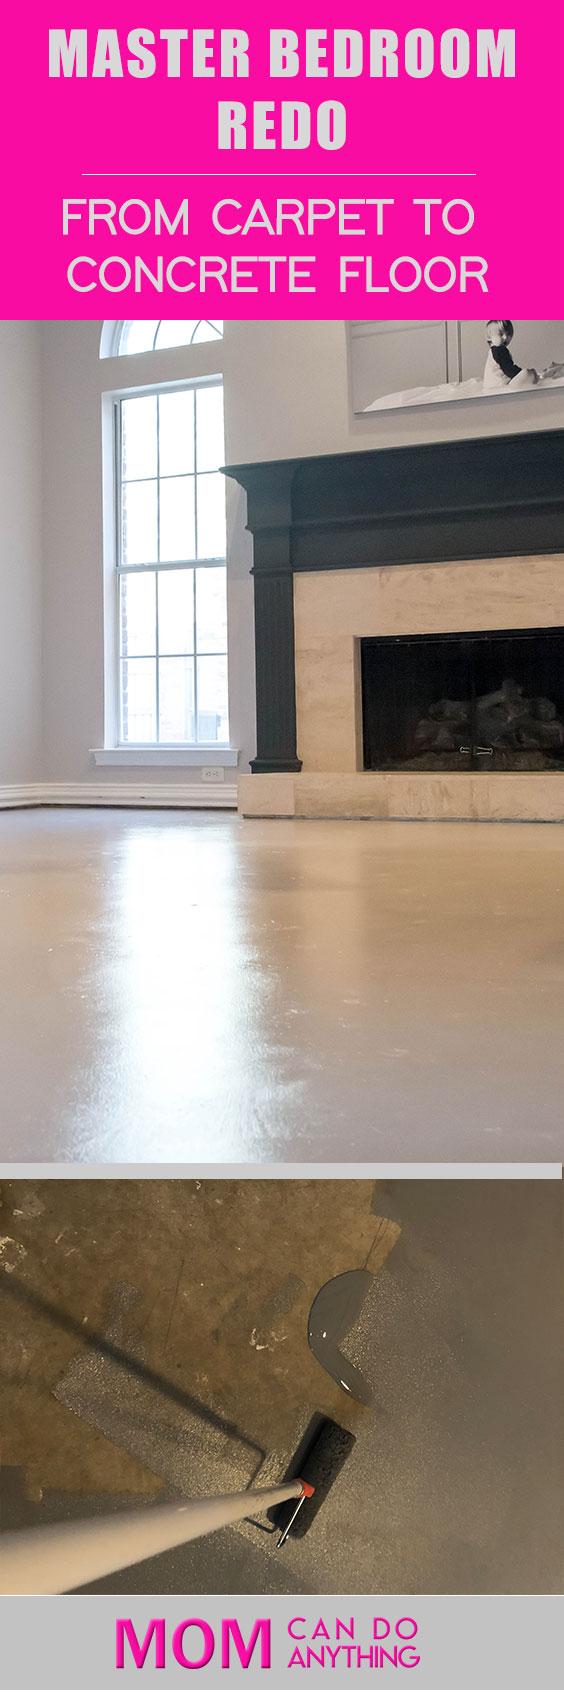 Master-Bedroom-Redo---Concrete-floor